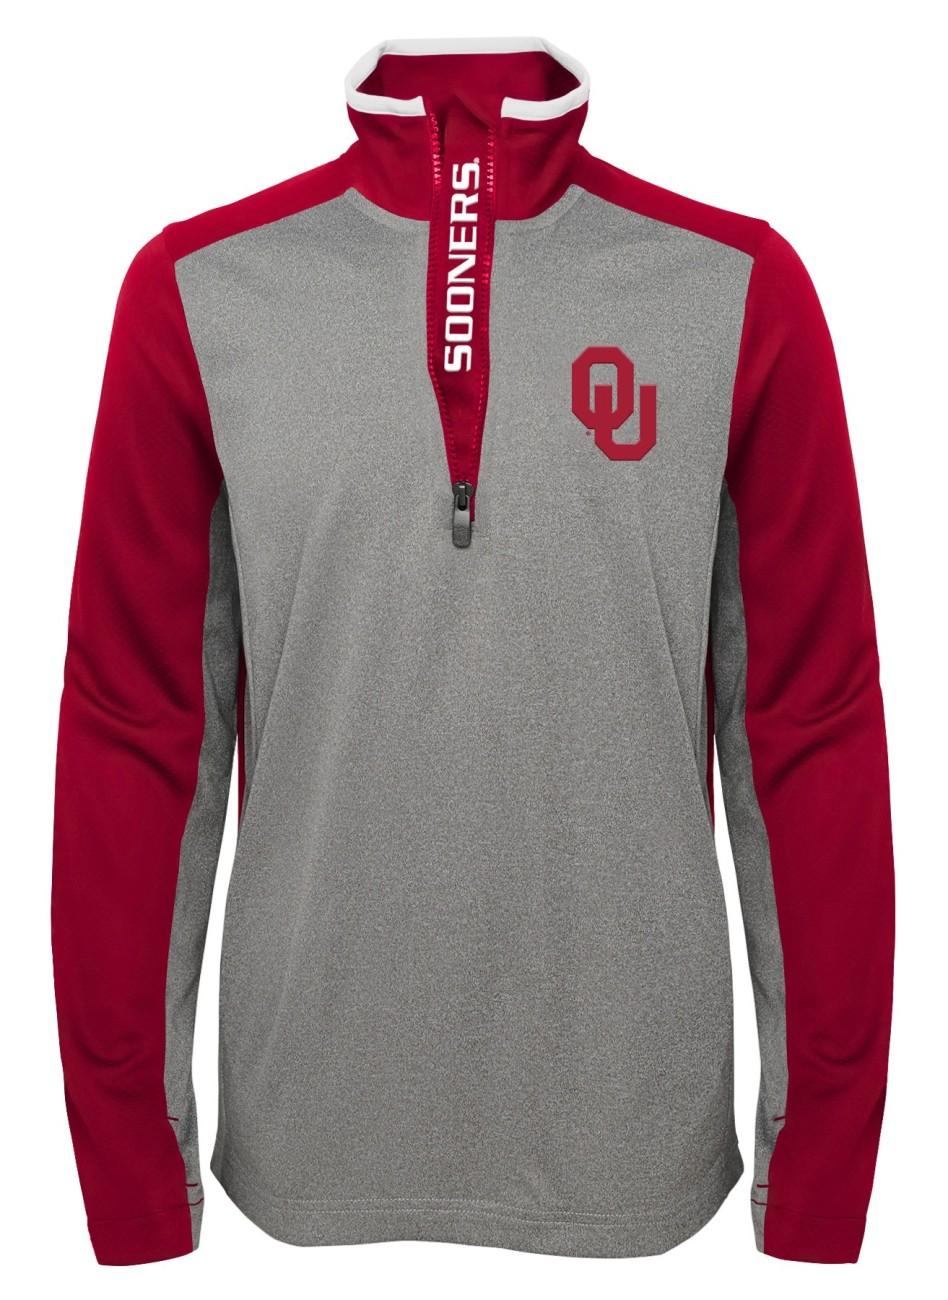 """Oklahoma Sooners NCAA """"Top Notch"""" Men's 1 4 Zip Mock Neck Jacket by Gen2"""